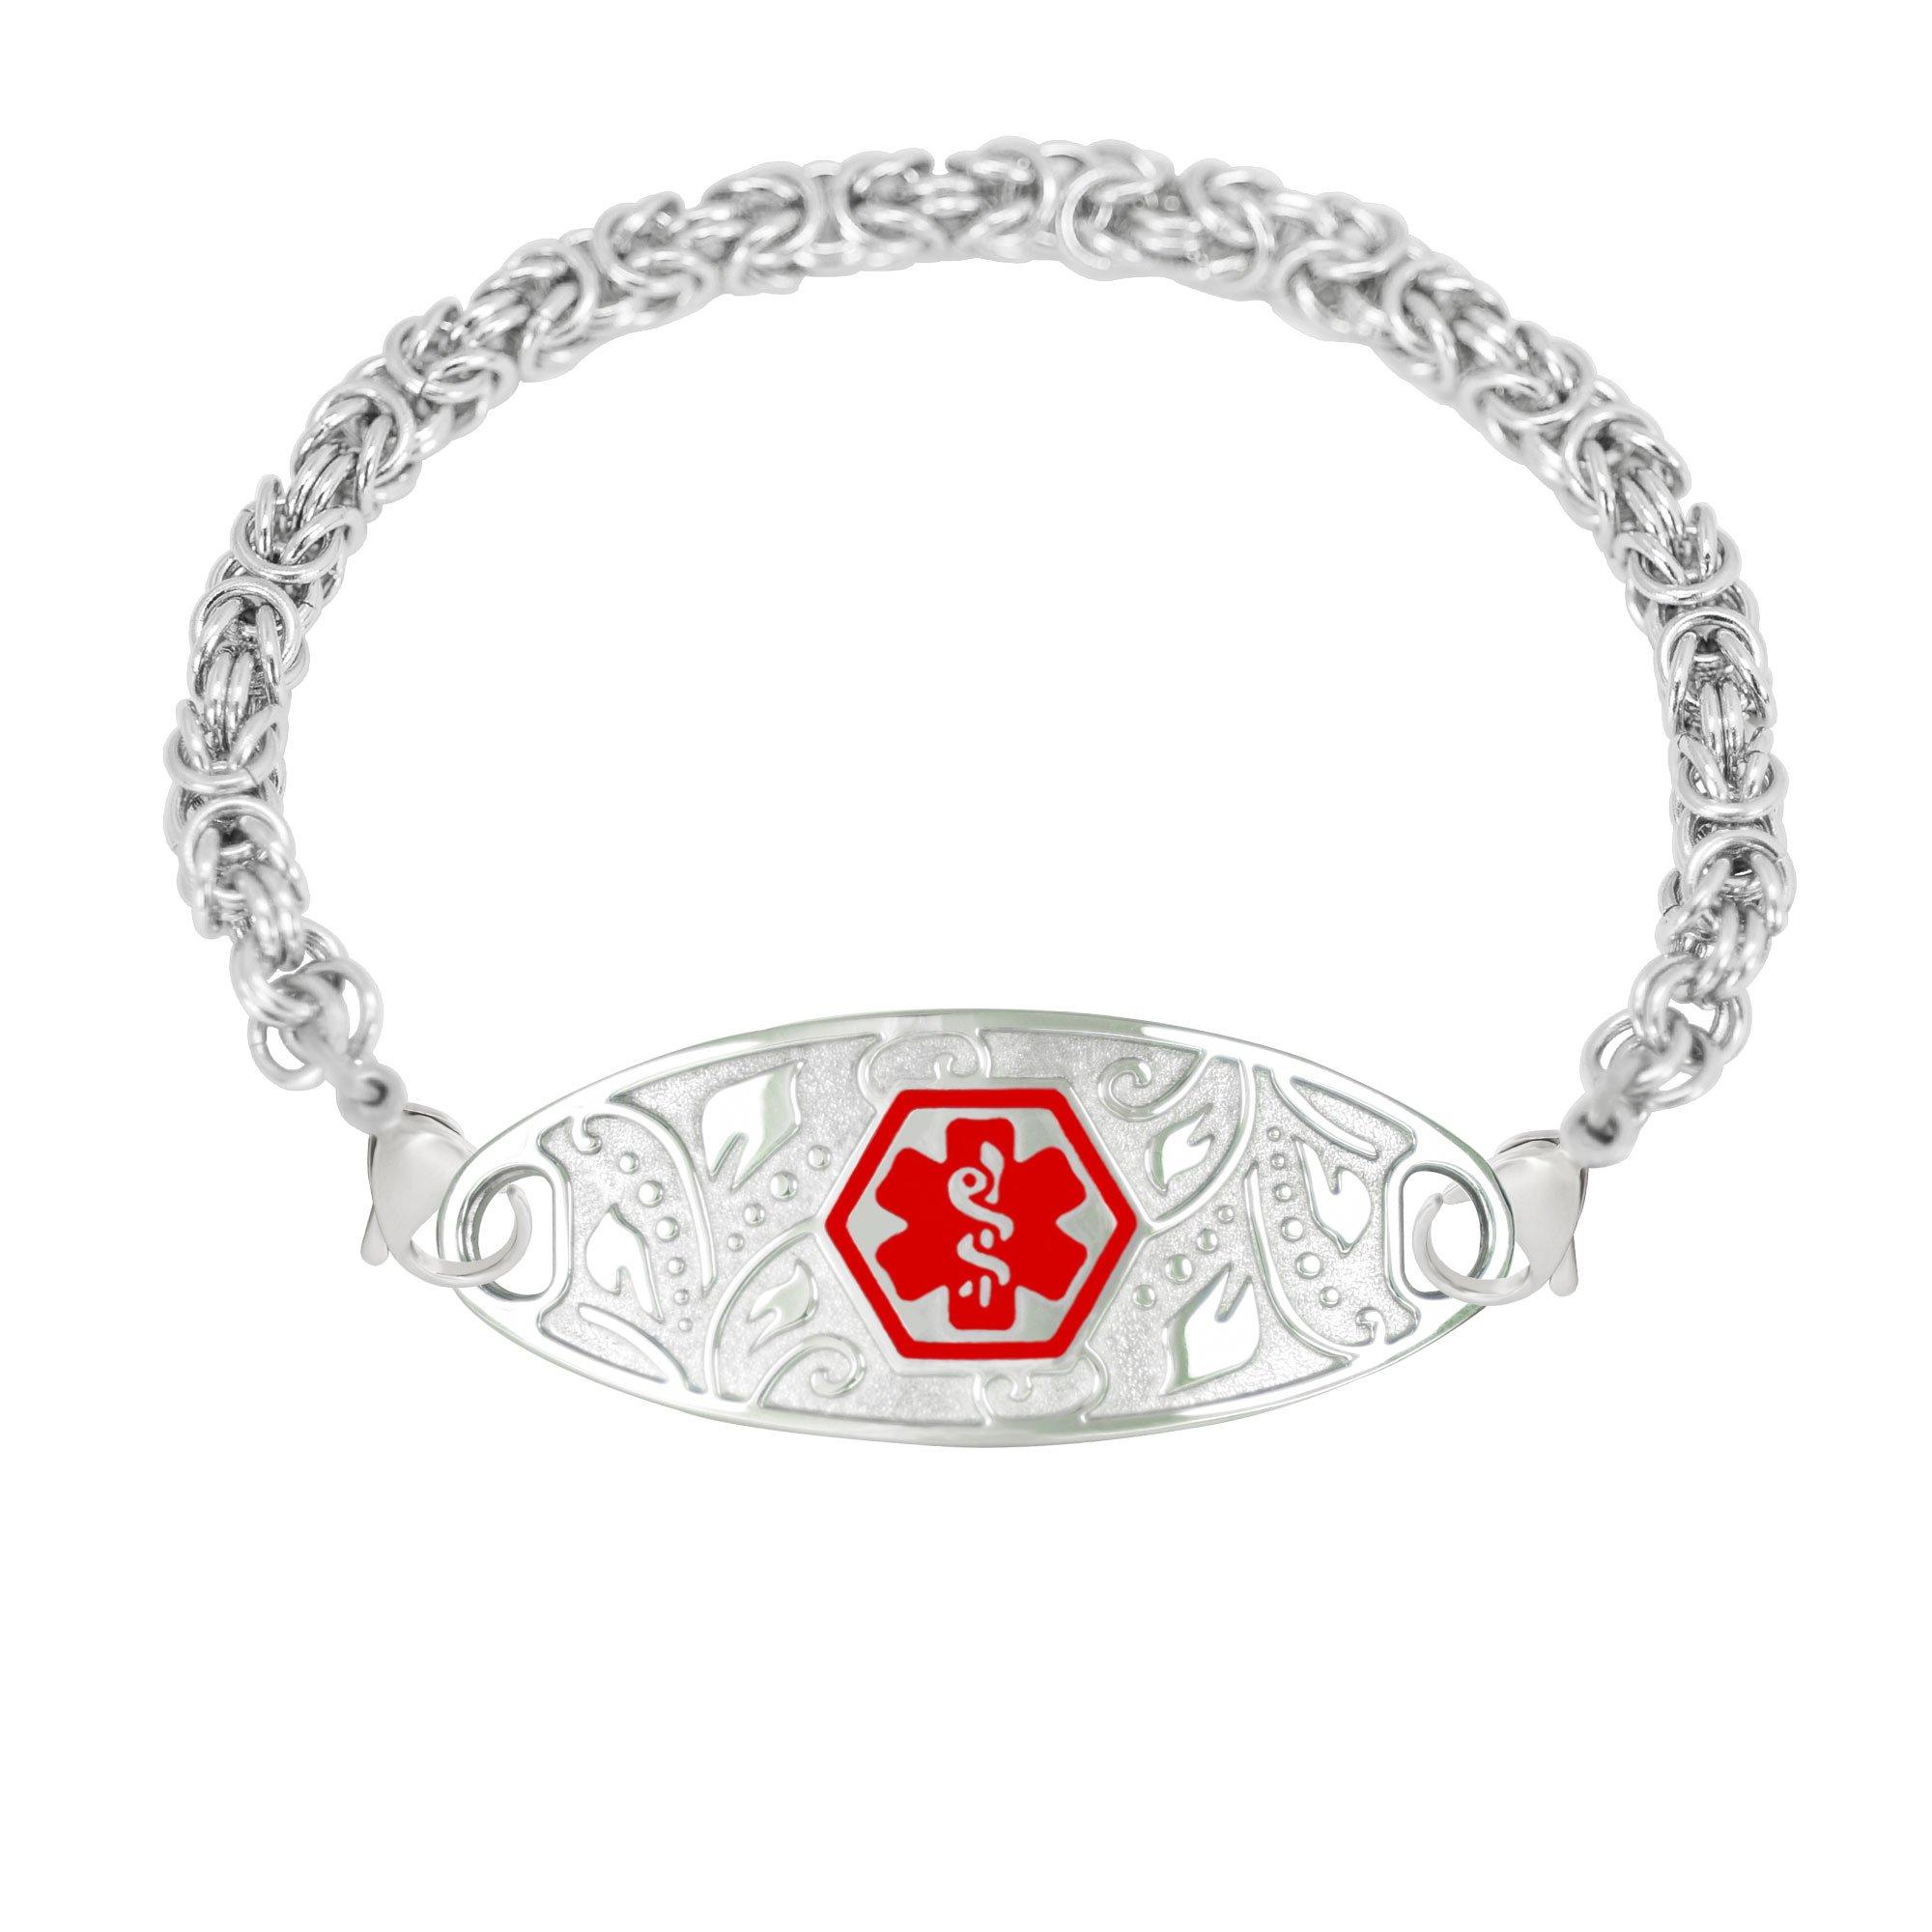 Divoti Custom Engraved 316L Lovely Filigree Medical Alert Bracelet for Women w/Stainless Handmade Byzantine Chain -Red-8.0''